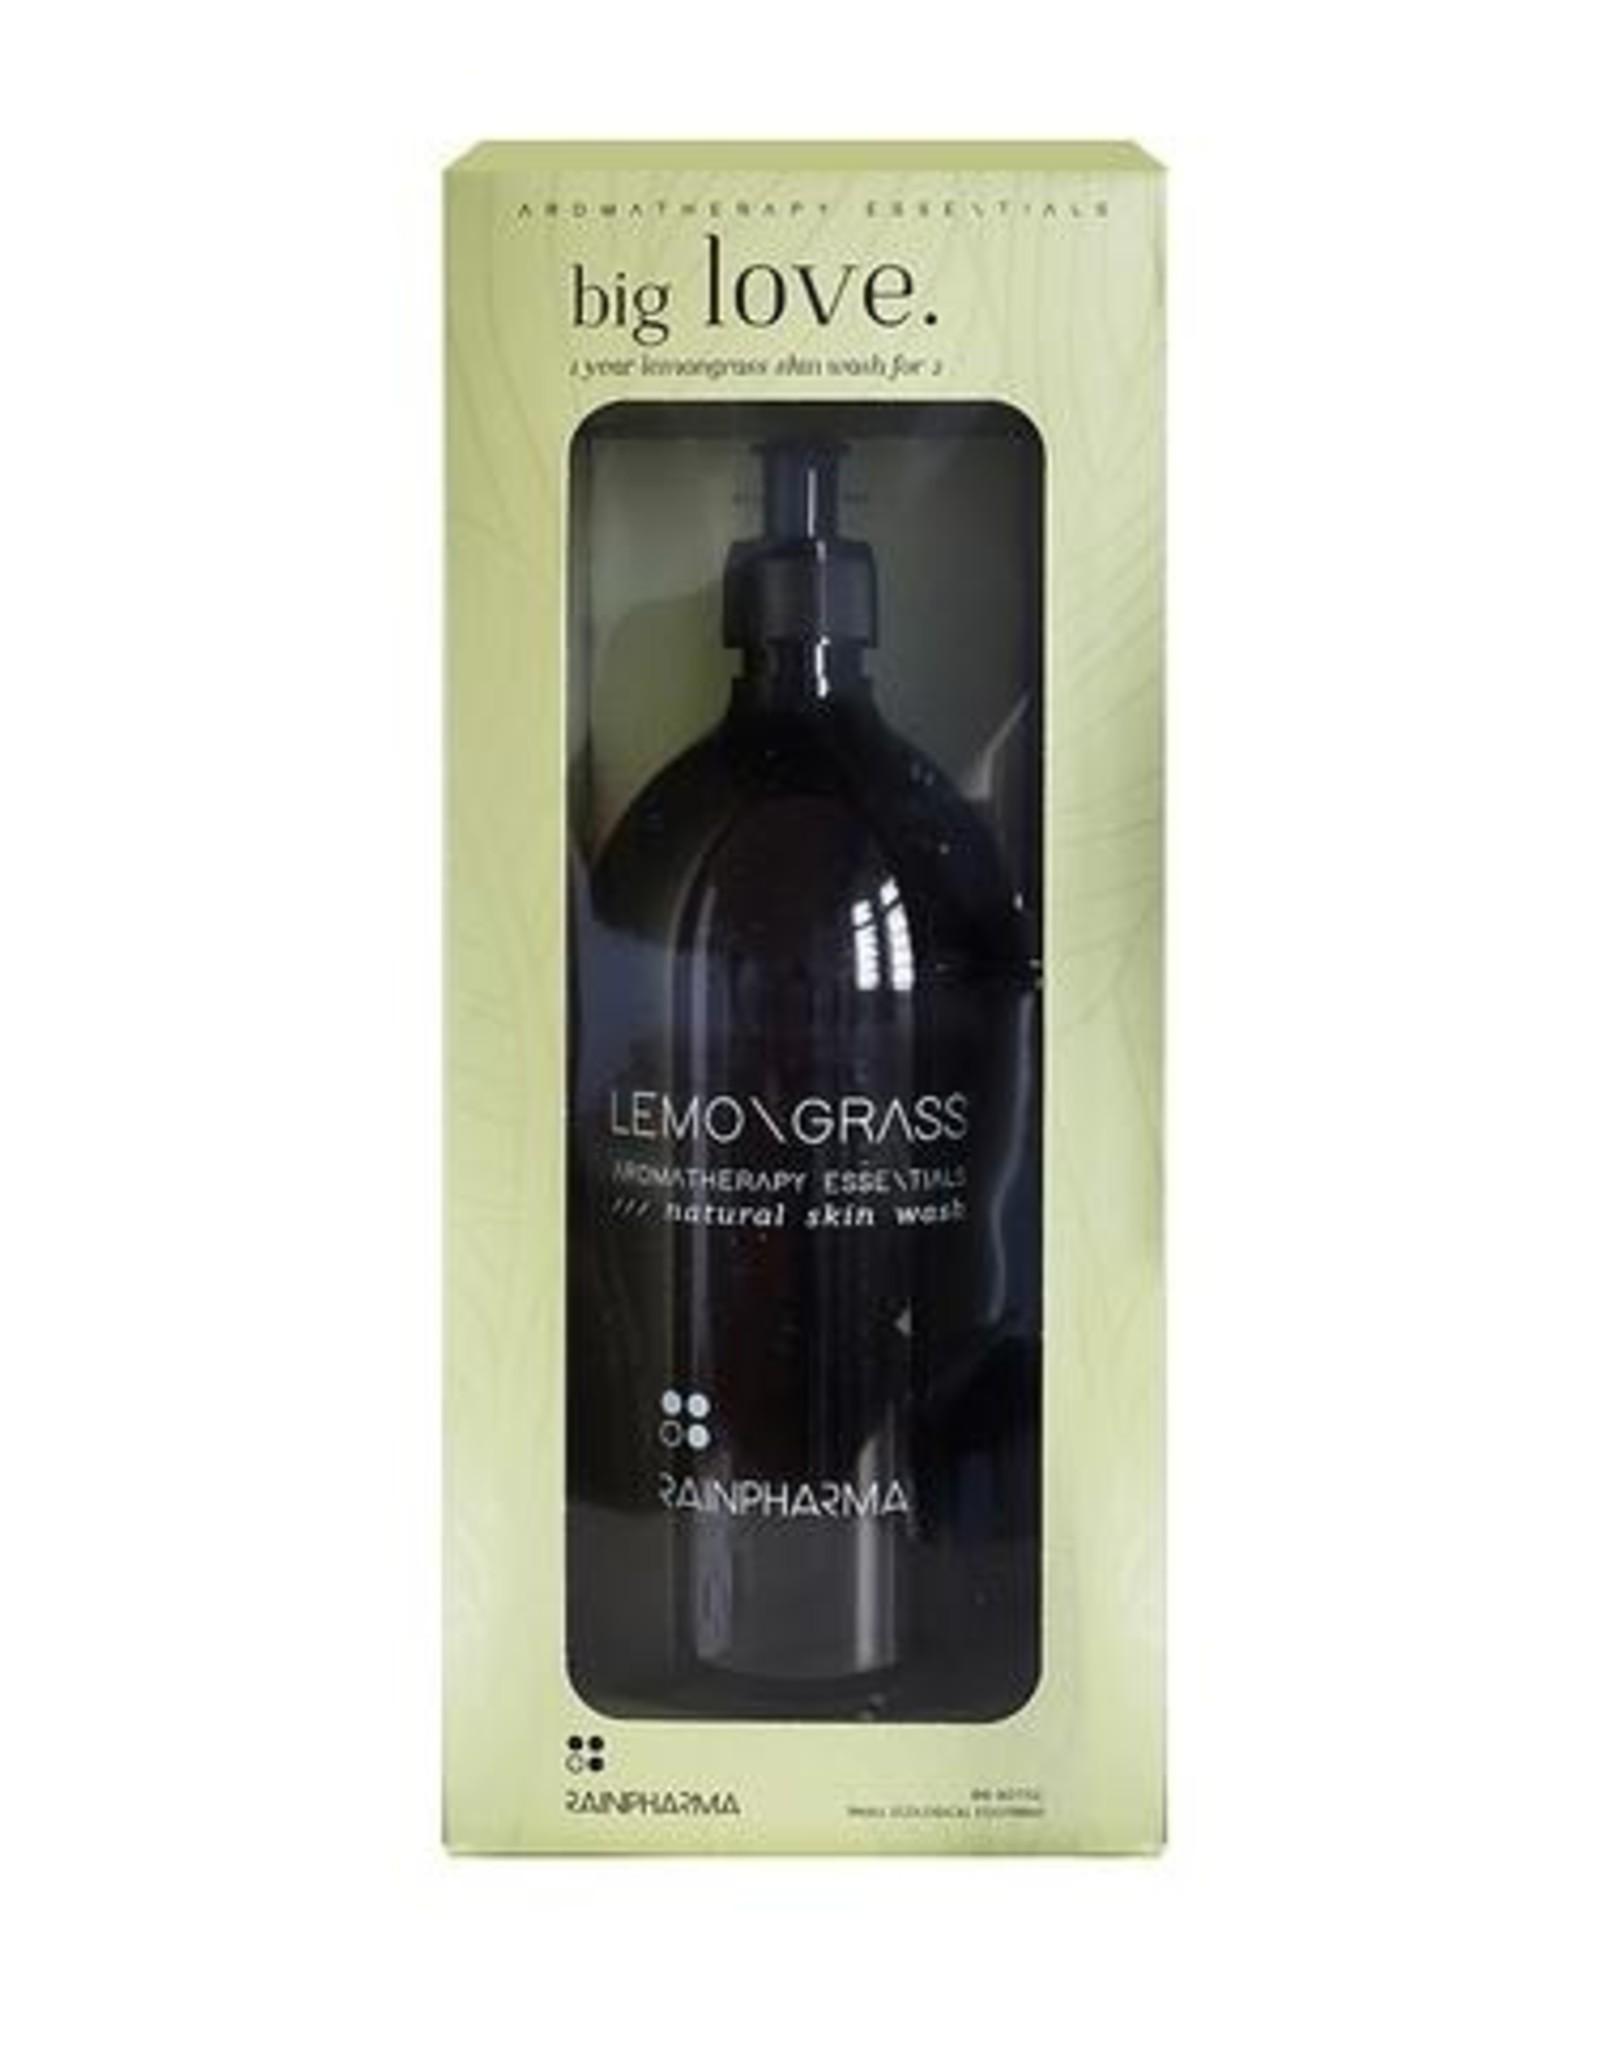 RainPharma Big Love - Rainpharma